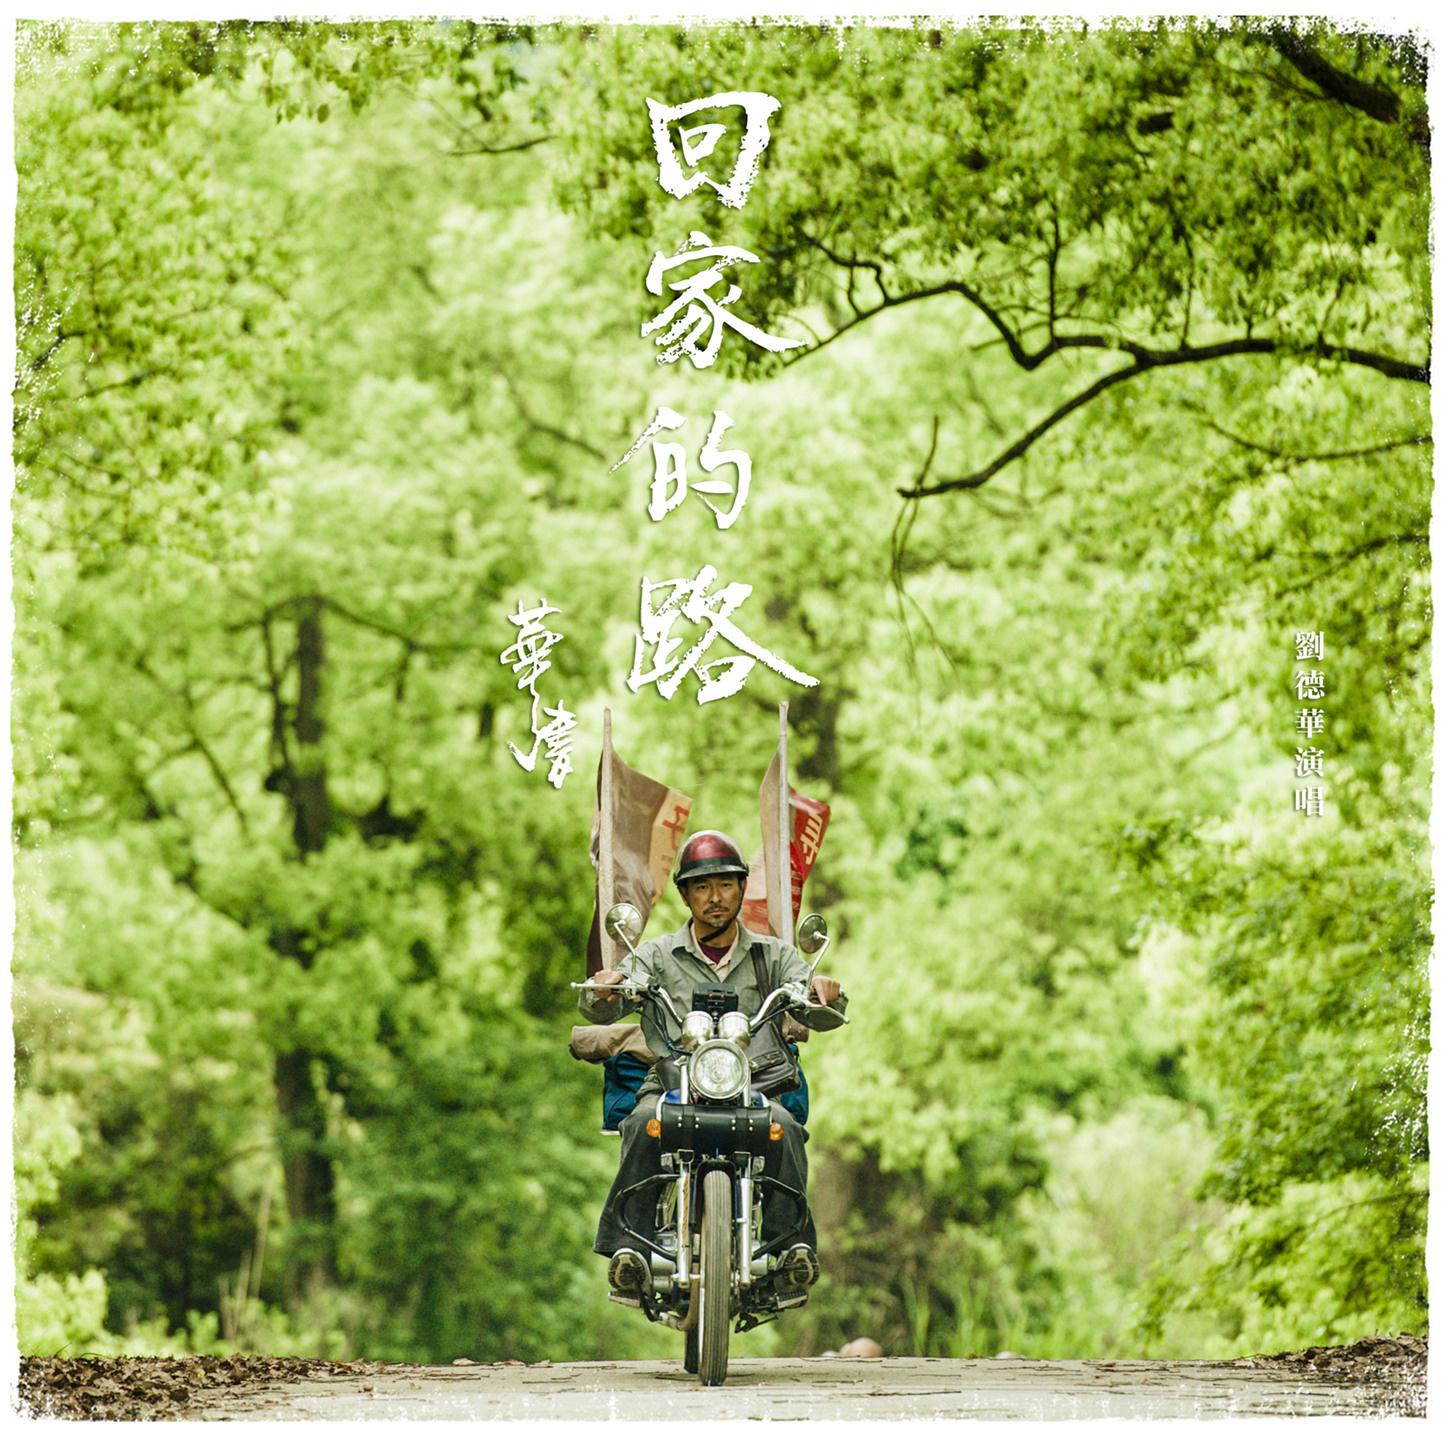 【EP欣赏】《回家的路》漫漫春运路 歌声伴你行 - 广寒仙子 - 月亮下的故事